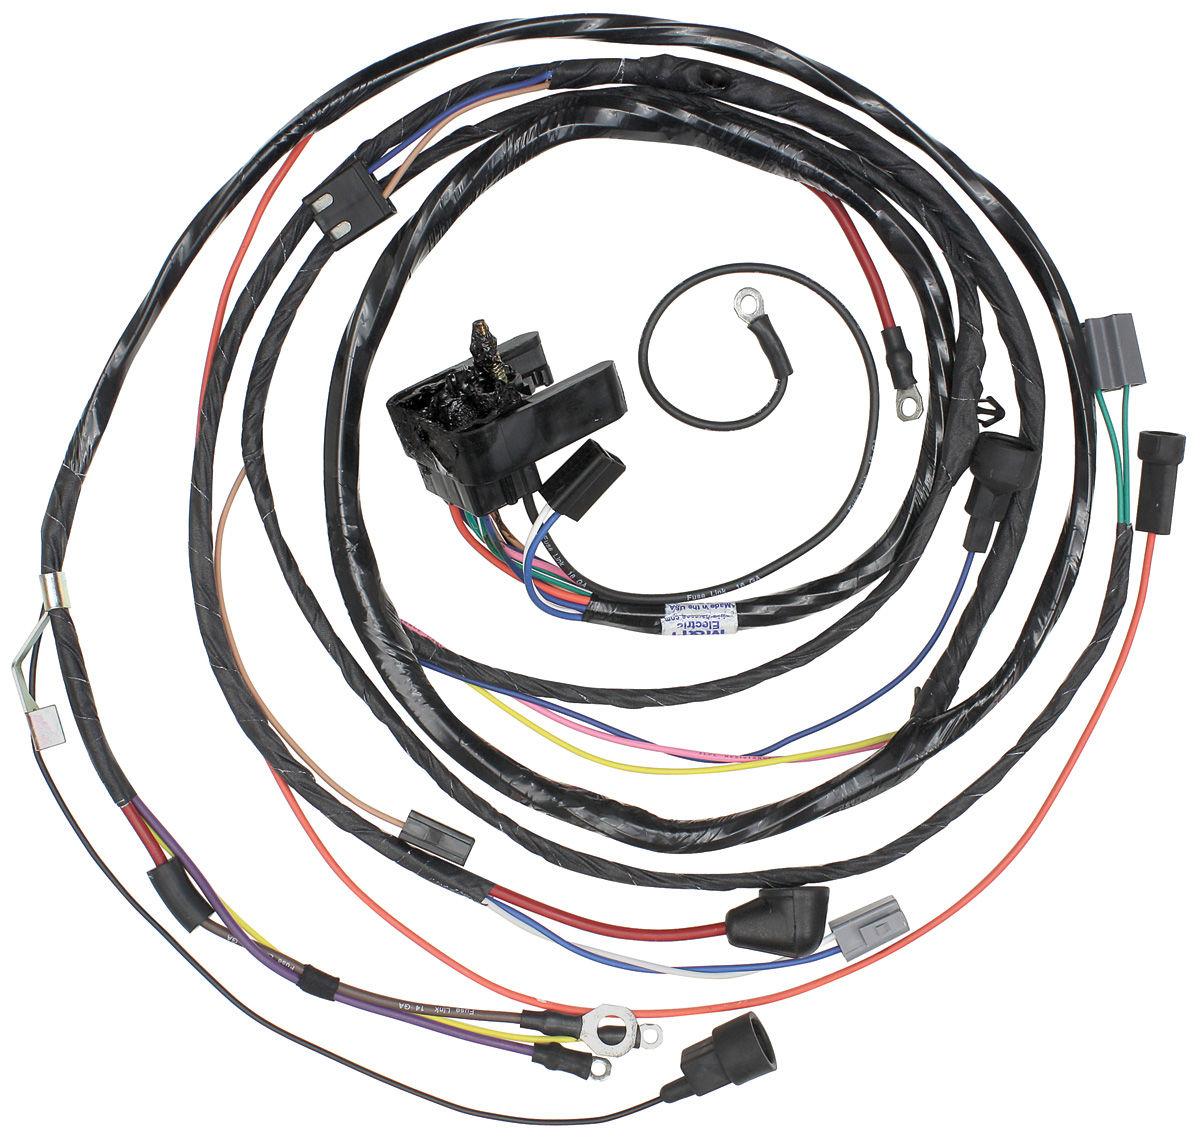 1972 chevelle engine harness v8 w warning lights by m h. Black Bedroom Furniture Sets. Home Design Ideas